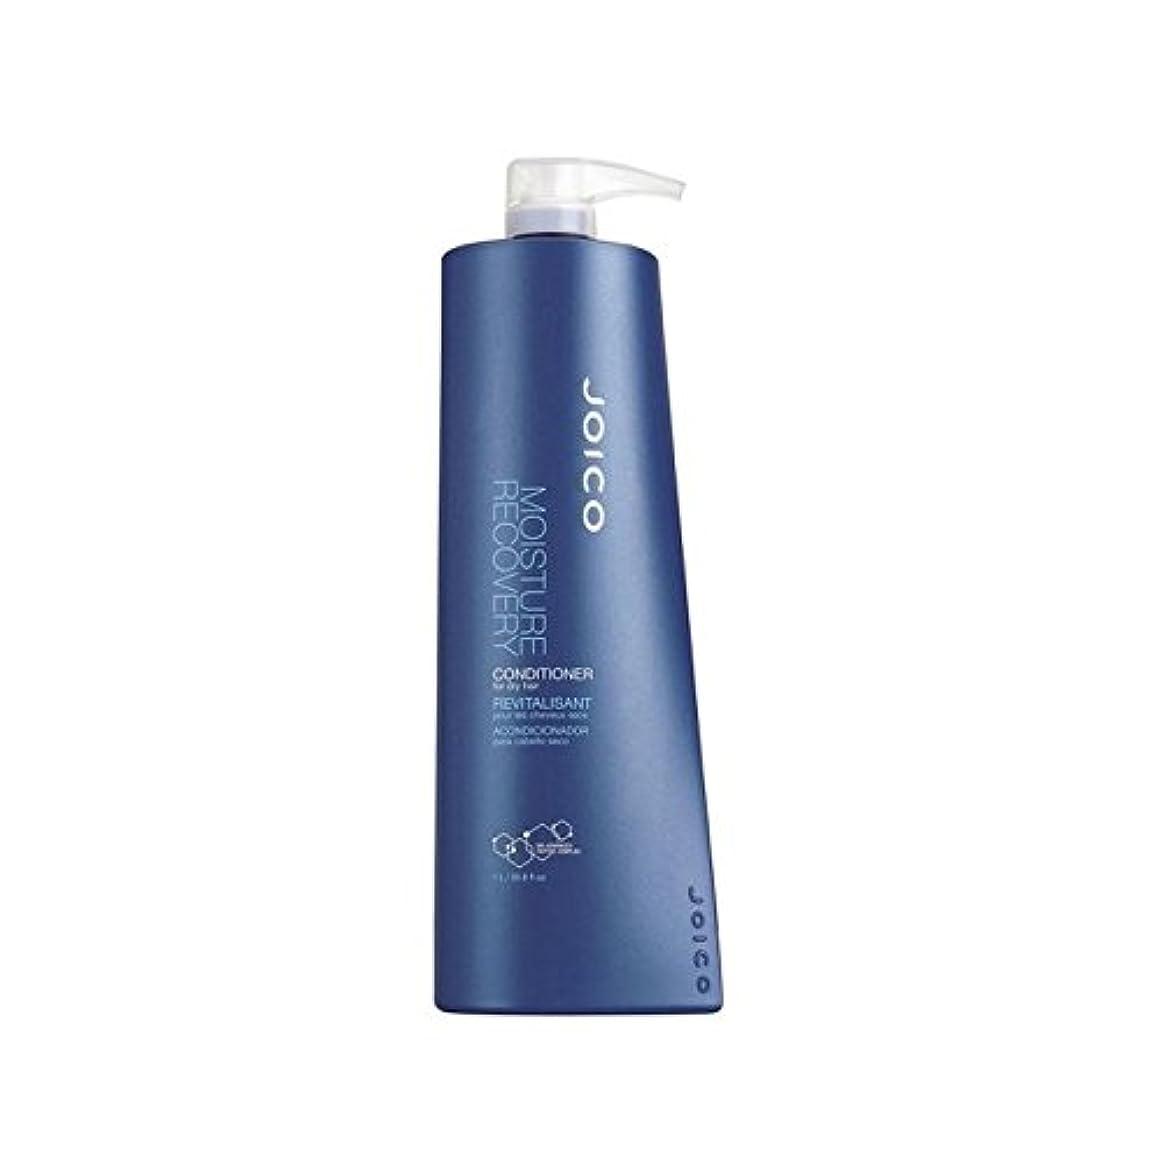 つかの間田舎者広々Joico Moisture Recovery Conditioner For Dry Hair (1000ml) (Pack of 6) - 乾いた髪用ジョイコ水分回復コンディショナー(千ミリリットル) x6 [並行輸入品]